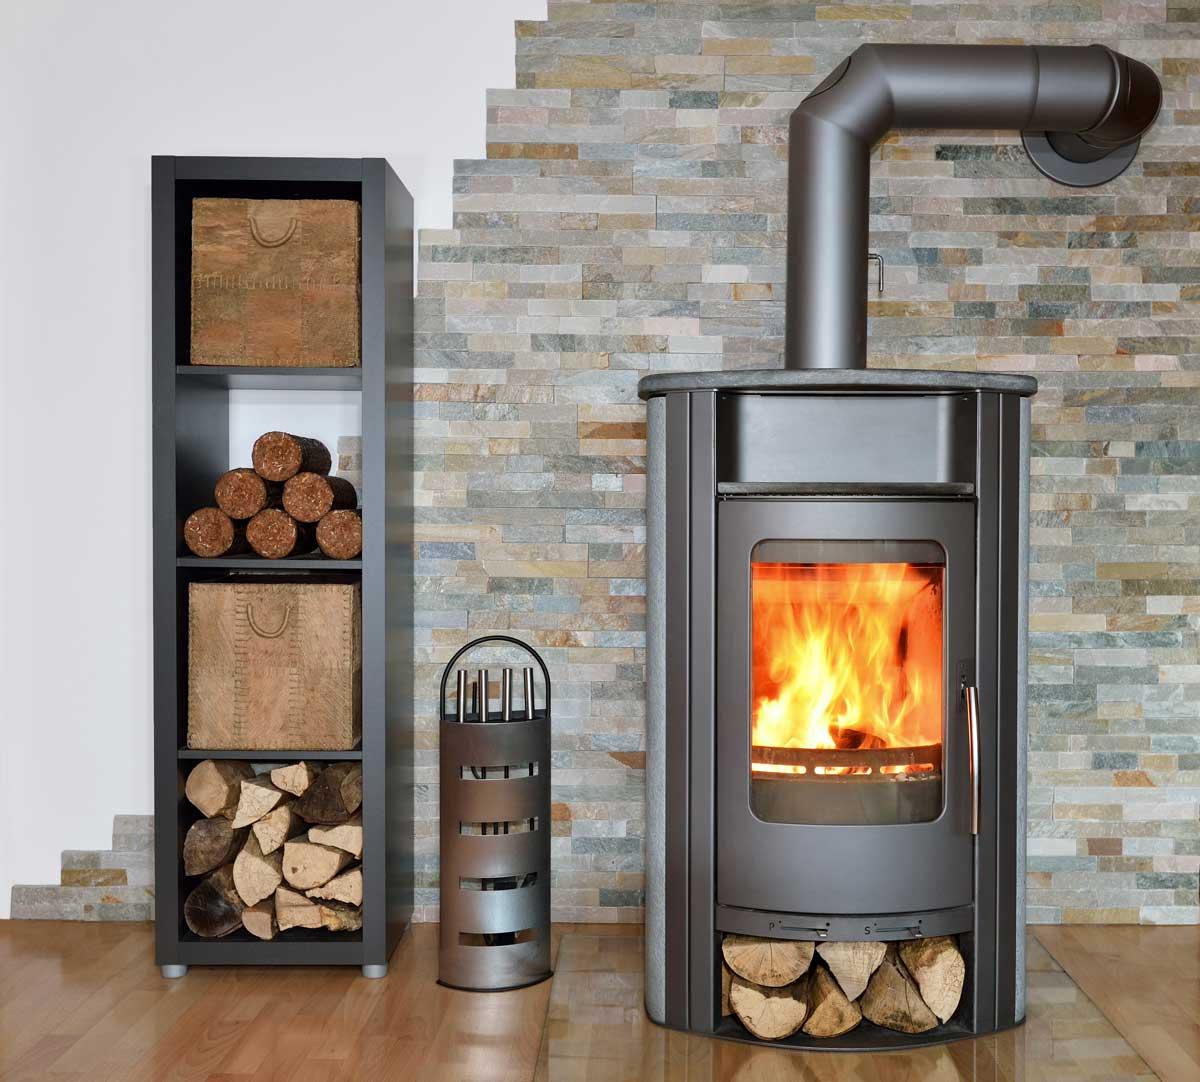 Brennholzregal innenbereich  Kaminholzregal - Infos, Empfehlungen & Angebote